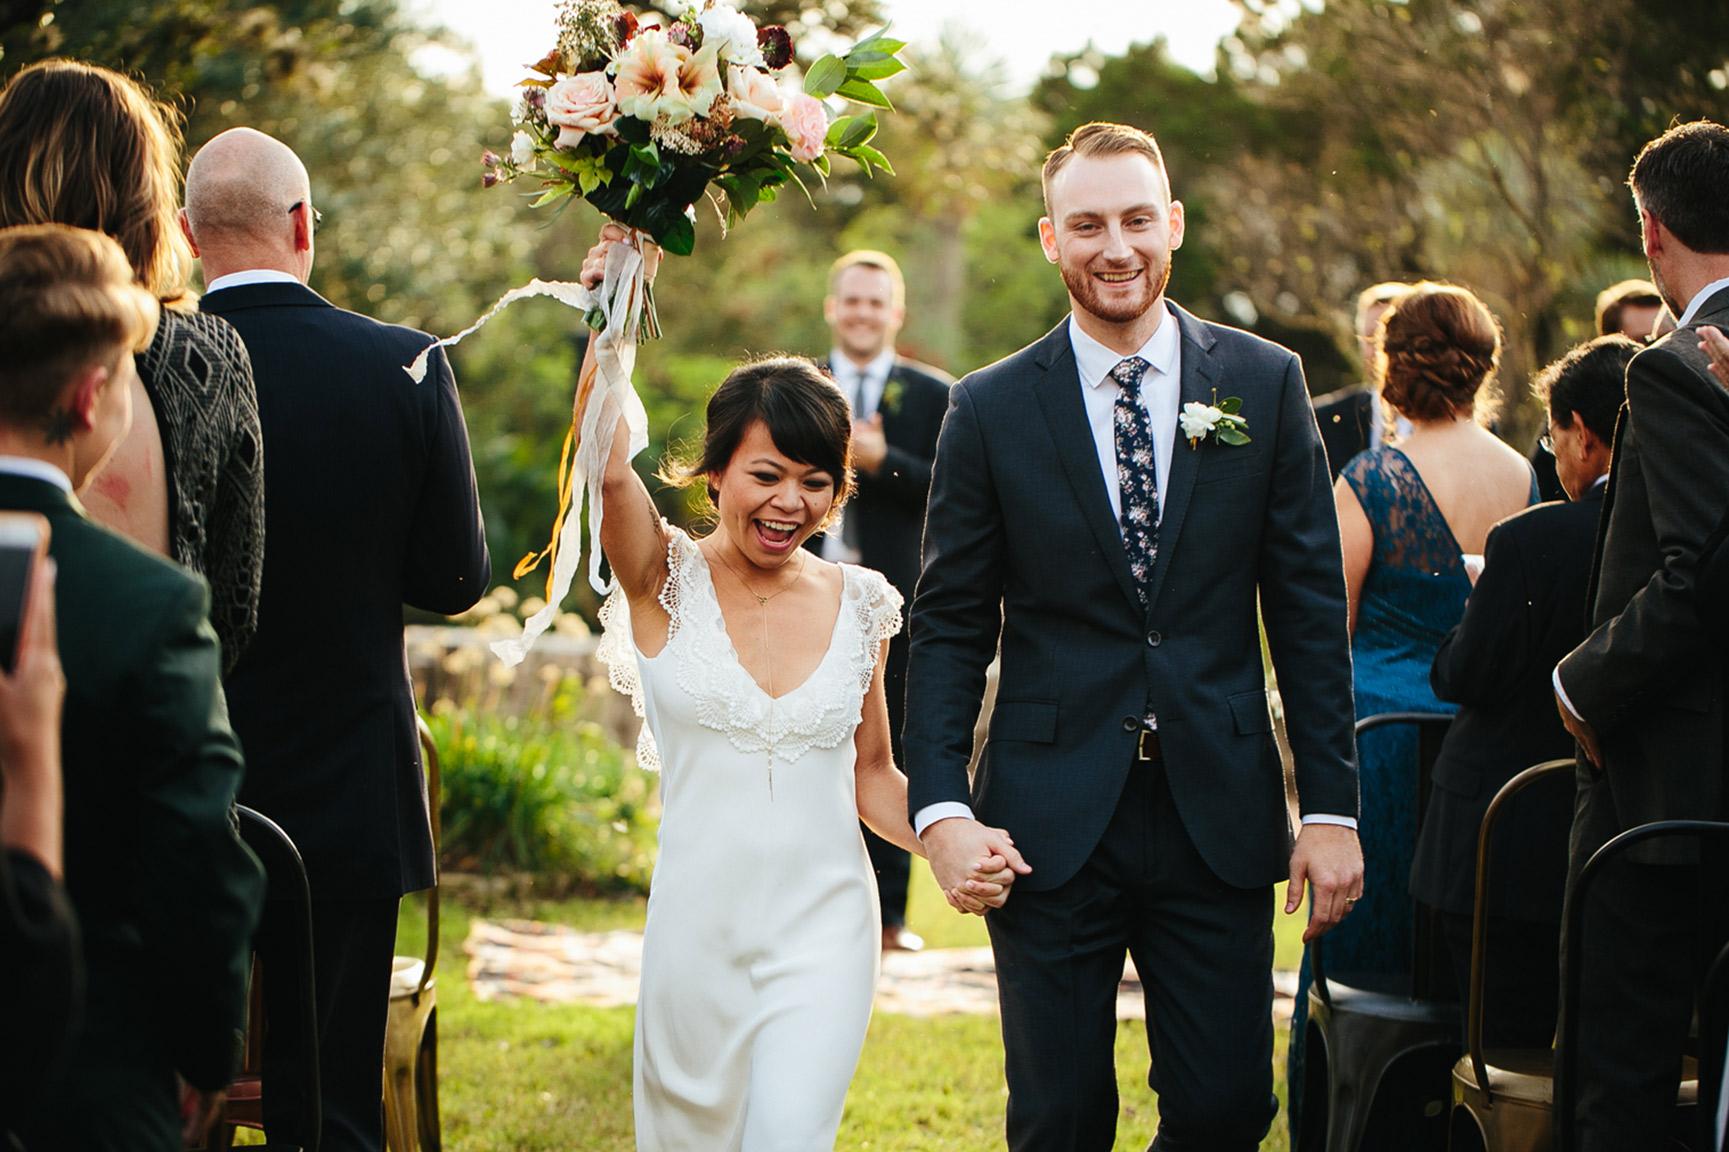 austin_WeddingPhotographer_027.jpg